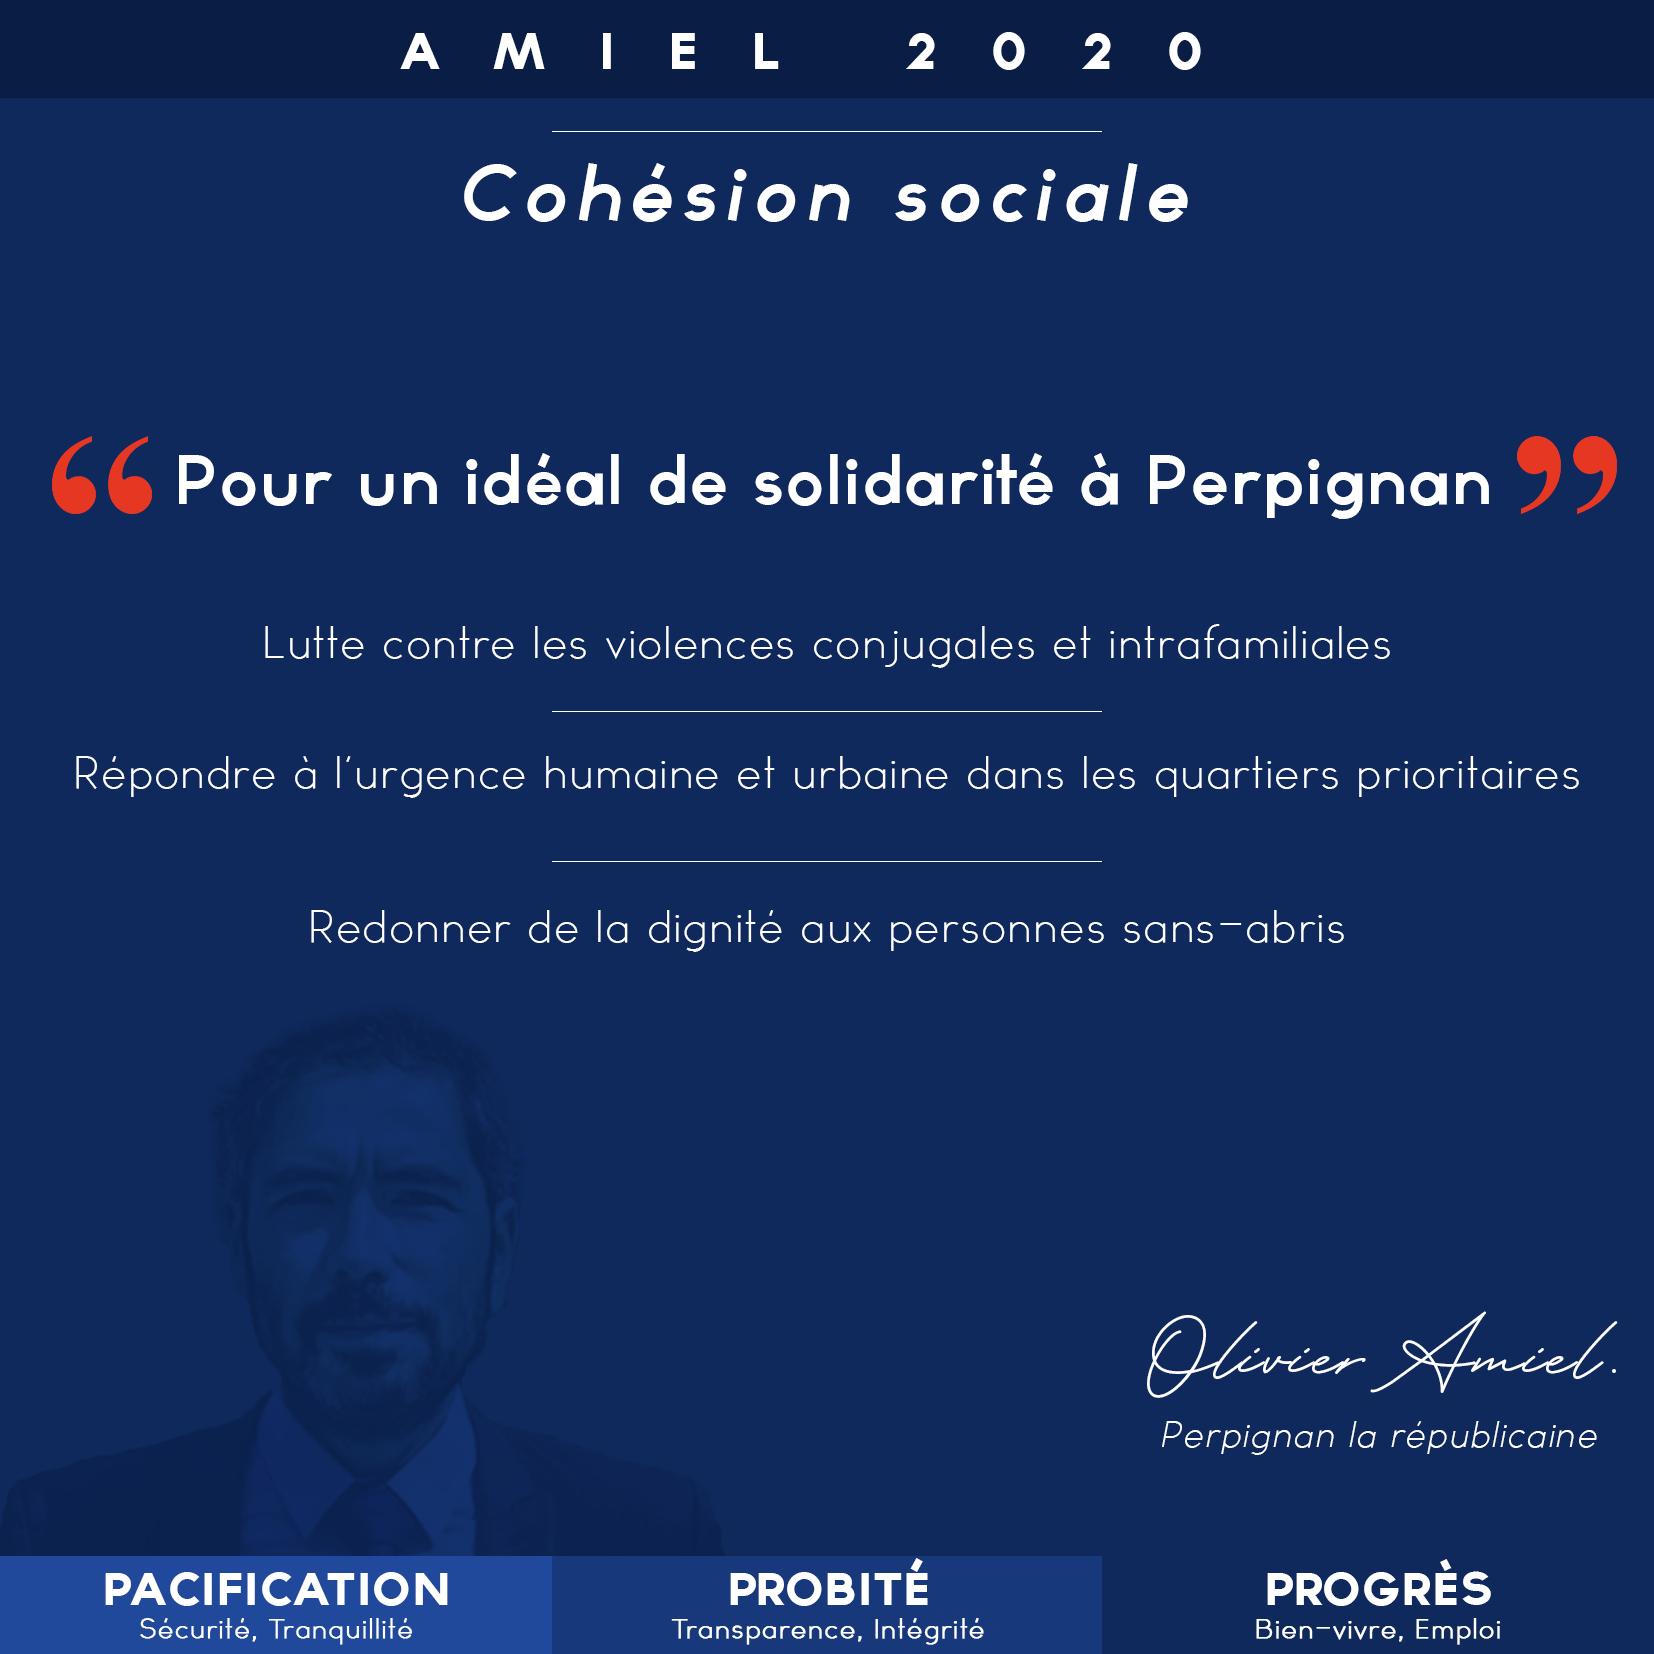 6.2_COHESION SOCIALE